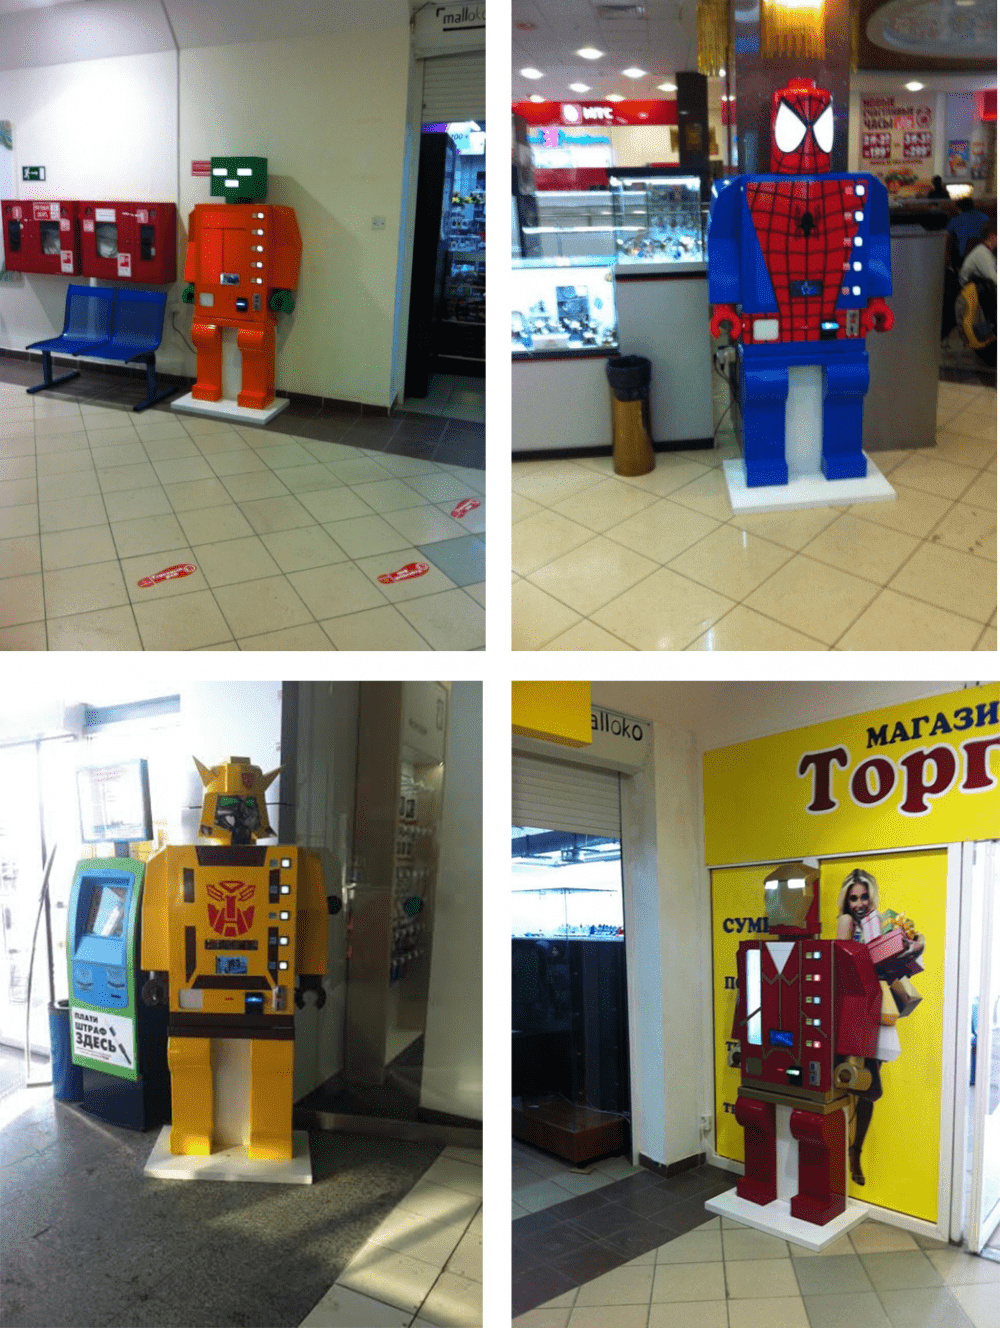 Бизнес план автомата с игрушками идею мелкого бизнеса